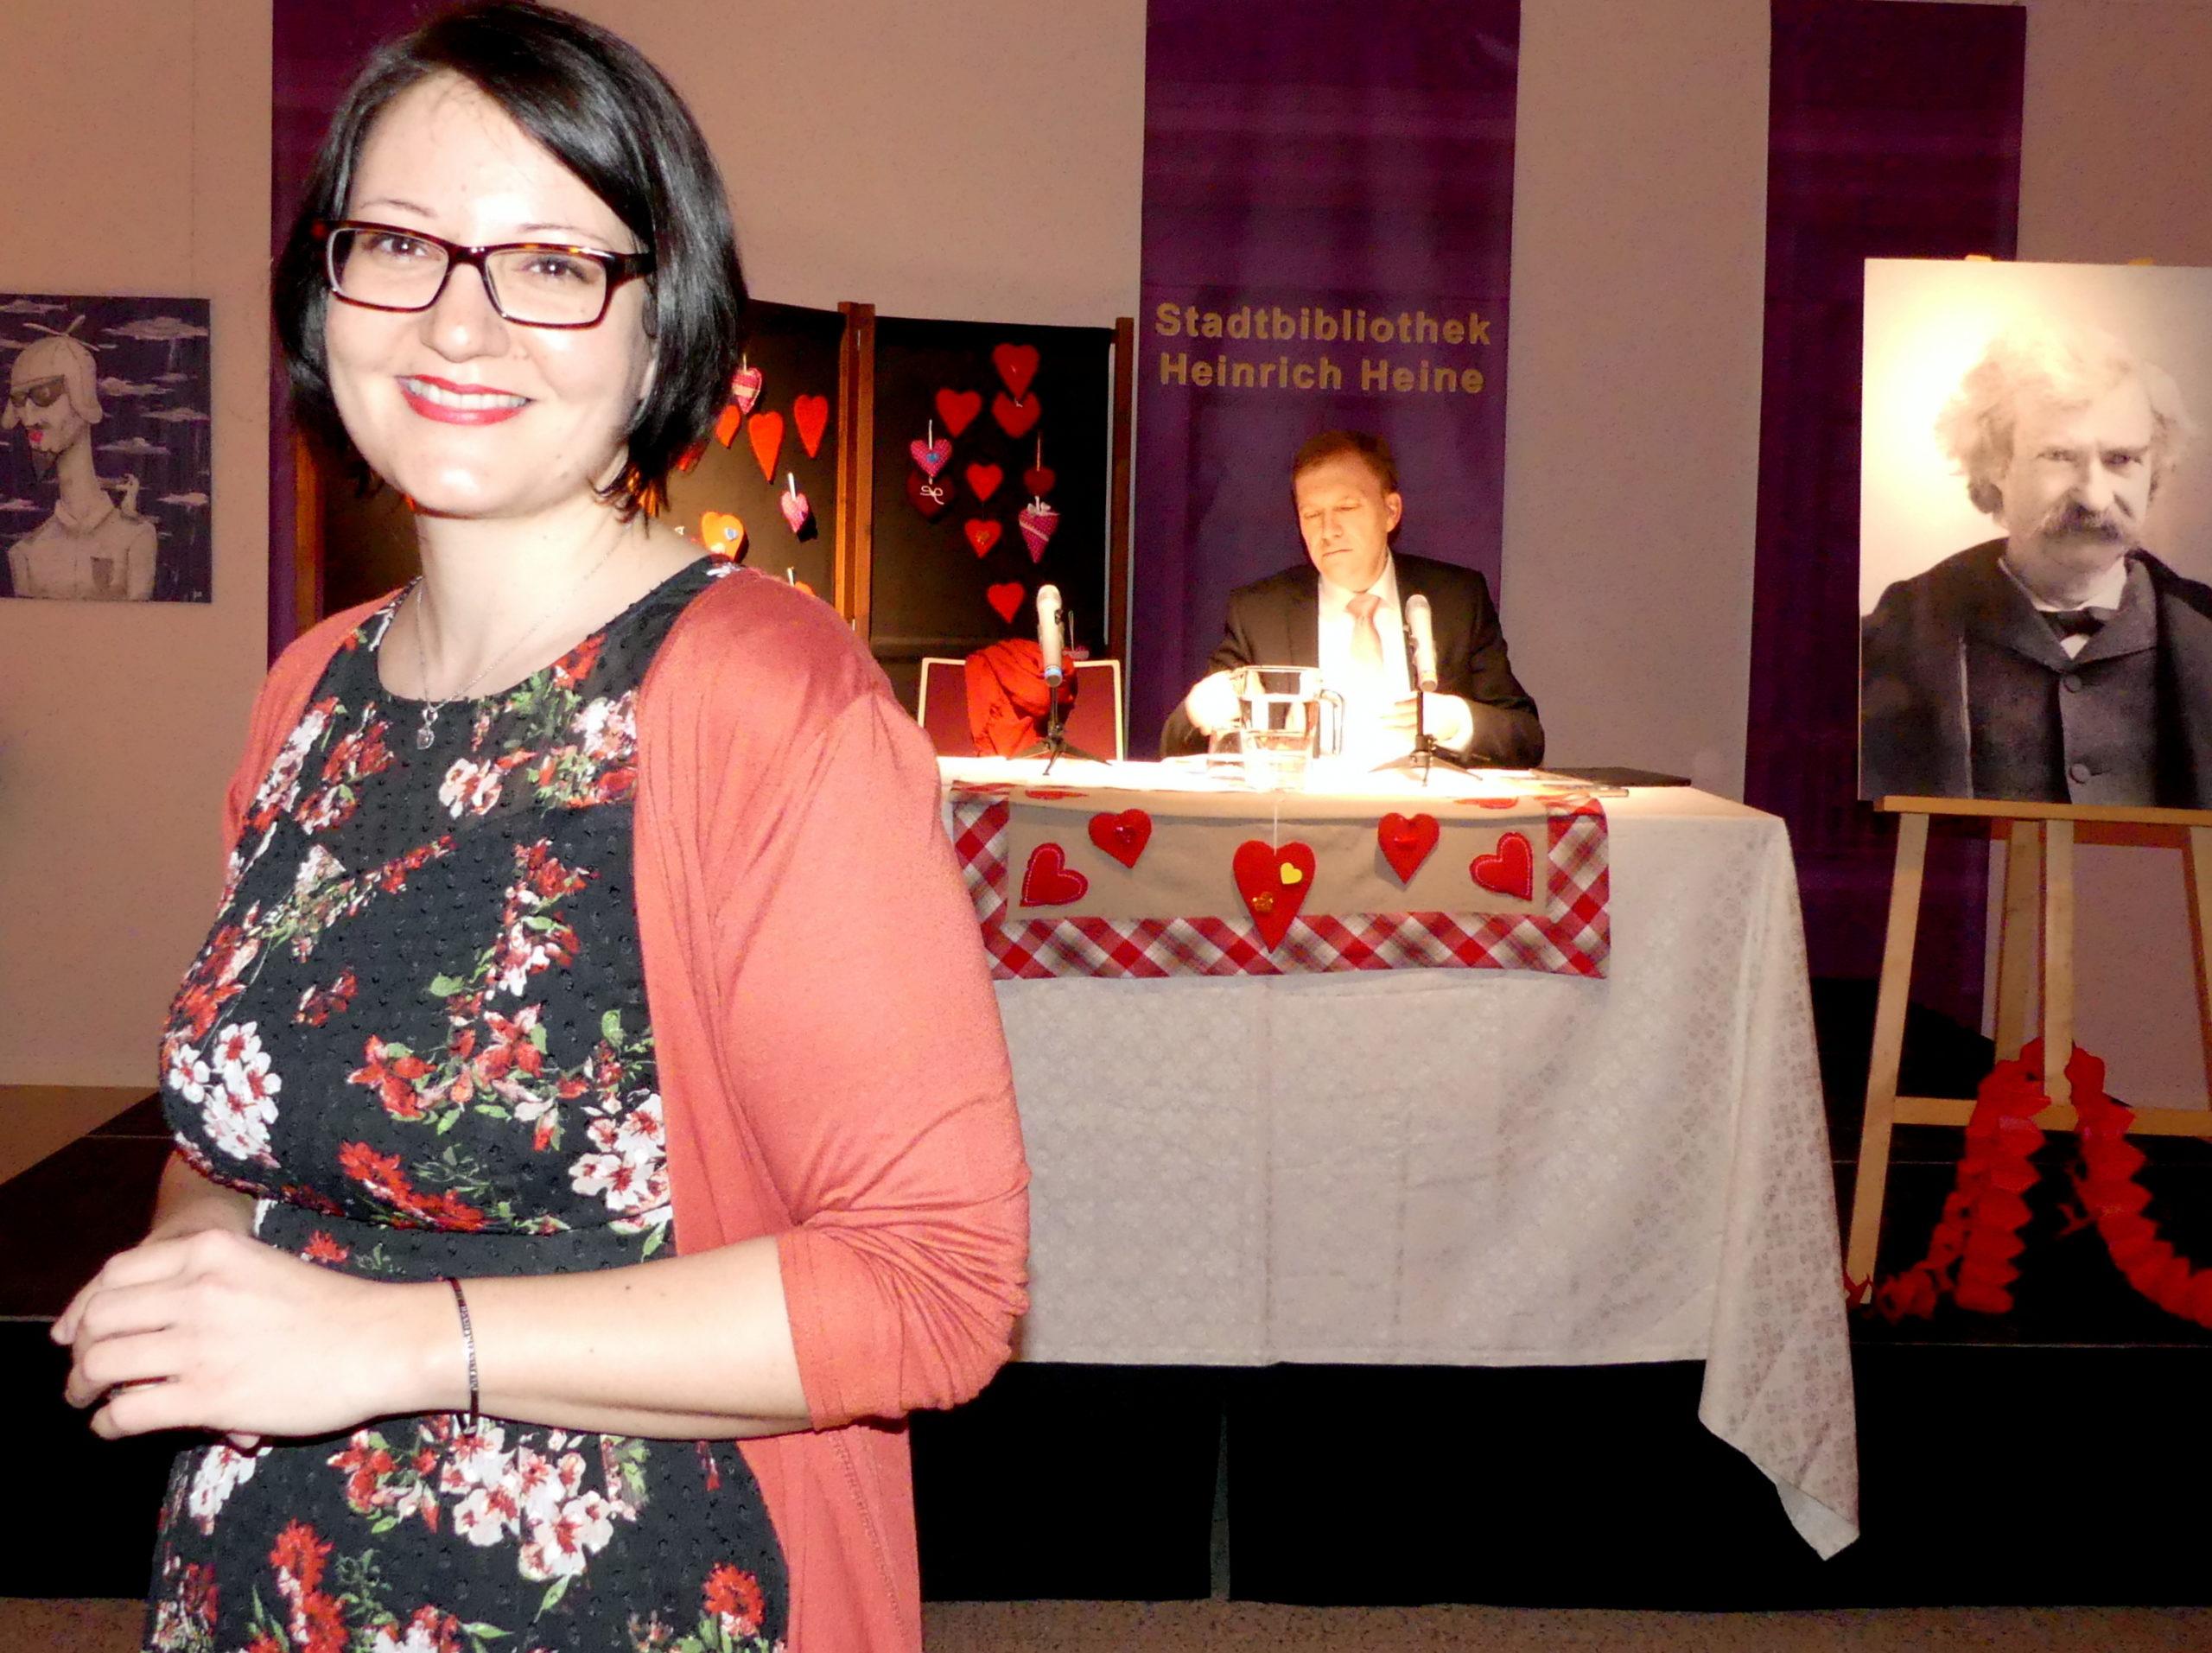 Stadtbibliothek feiert mit Lesung, Musik, Rosen und Wein den Valentinstag auf besondere Weise Bild